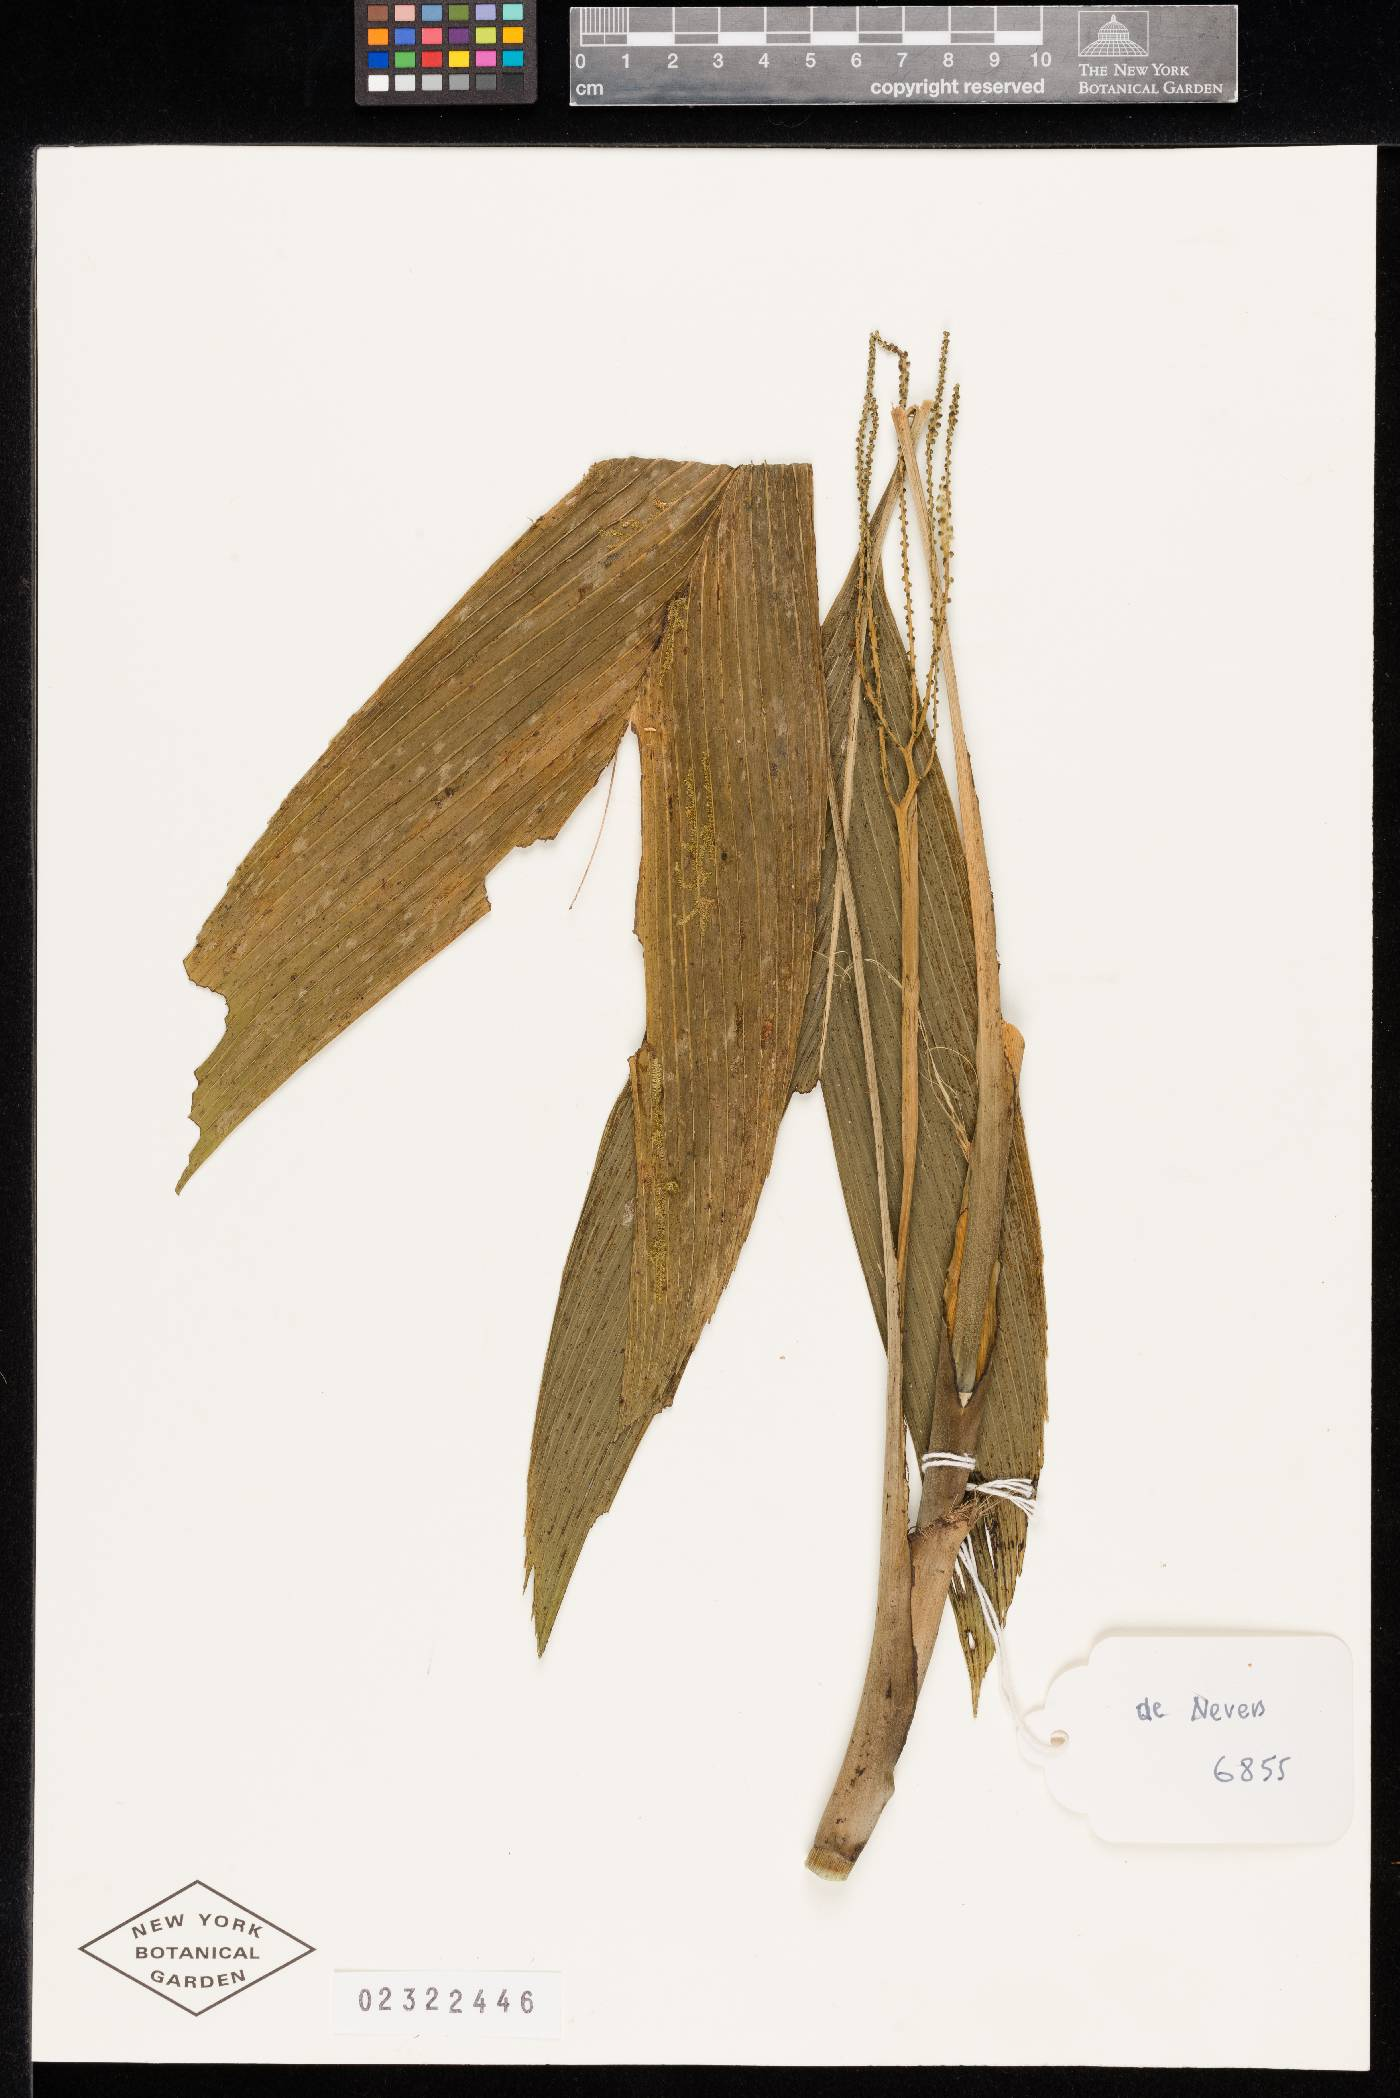 Chamaedorea palmeriana image